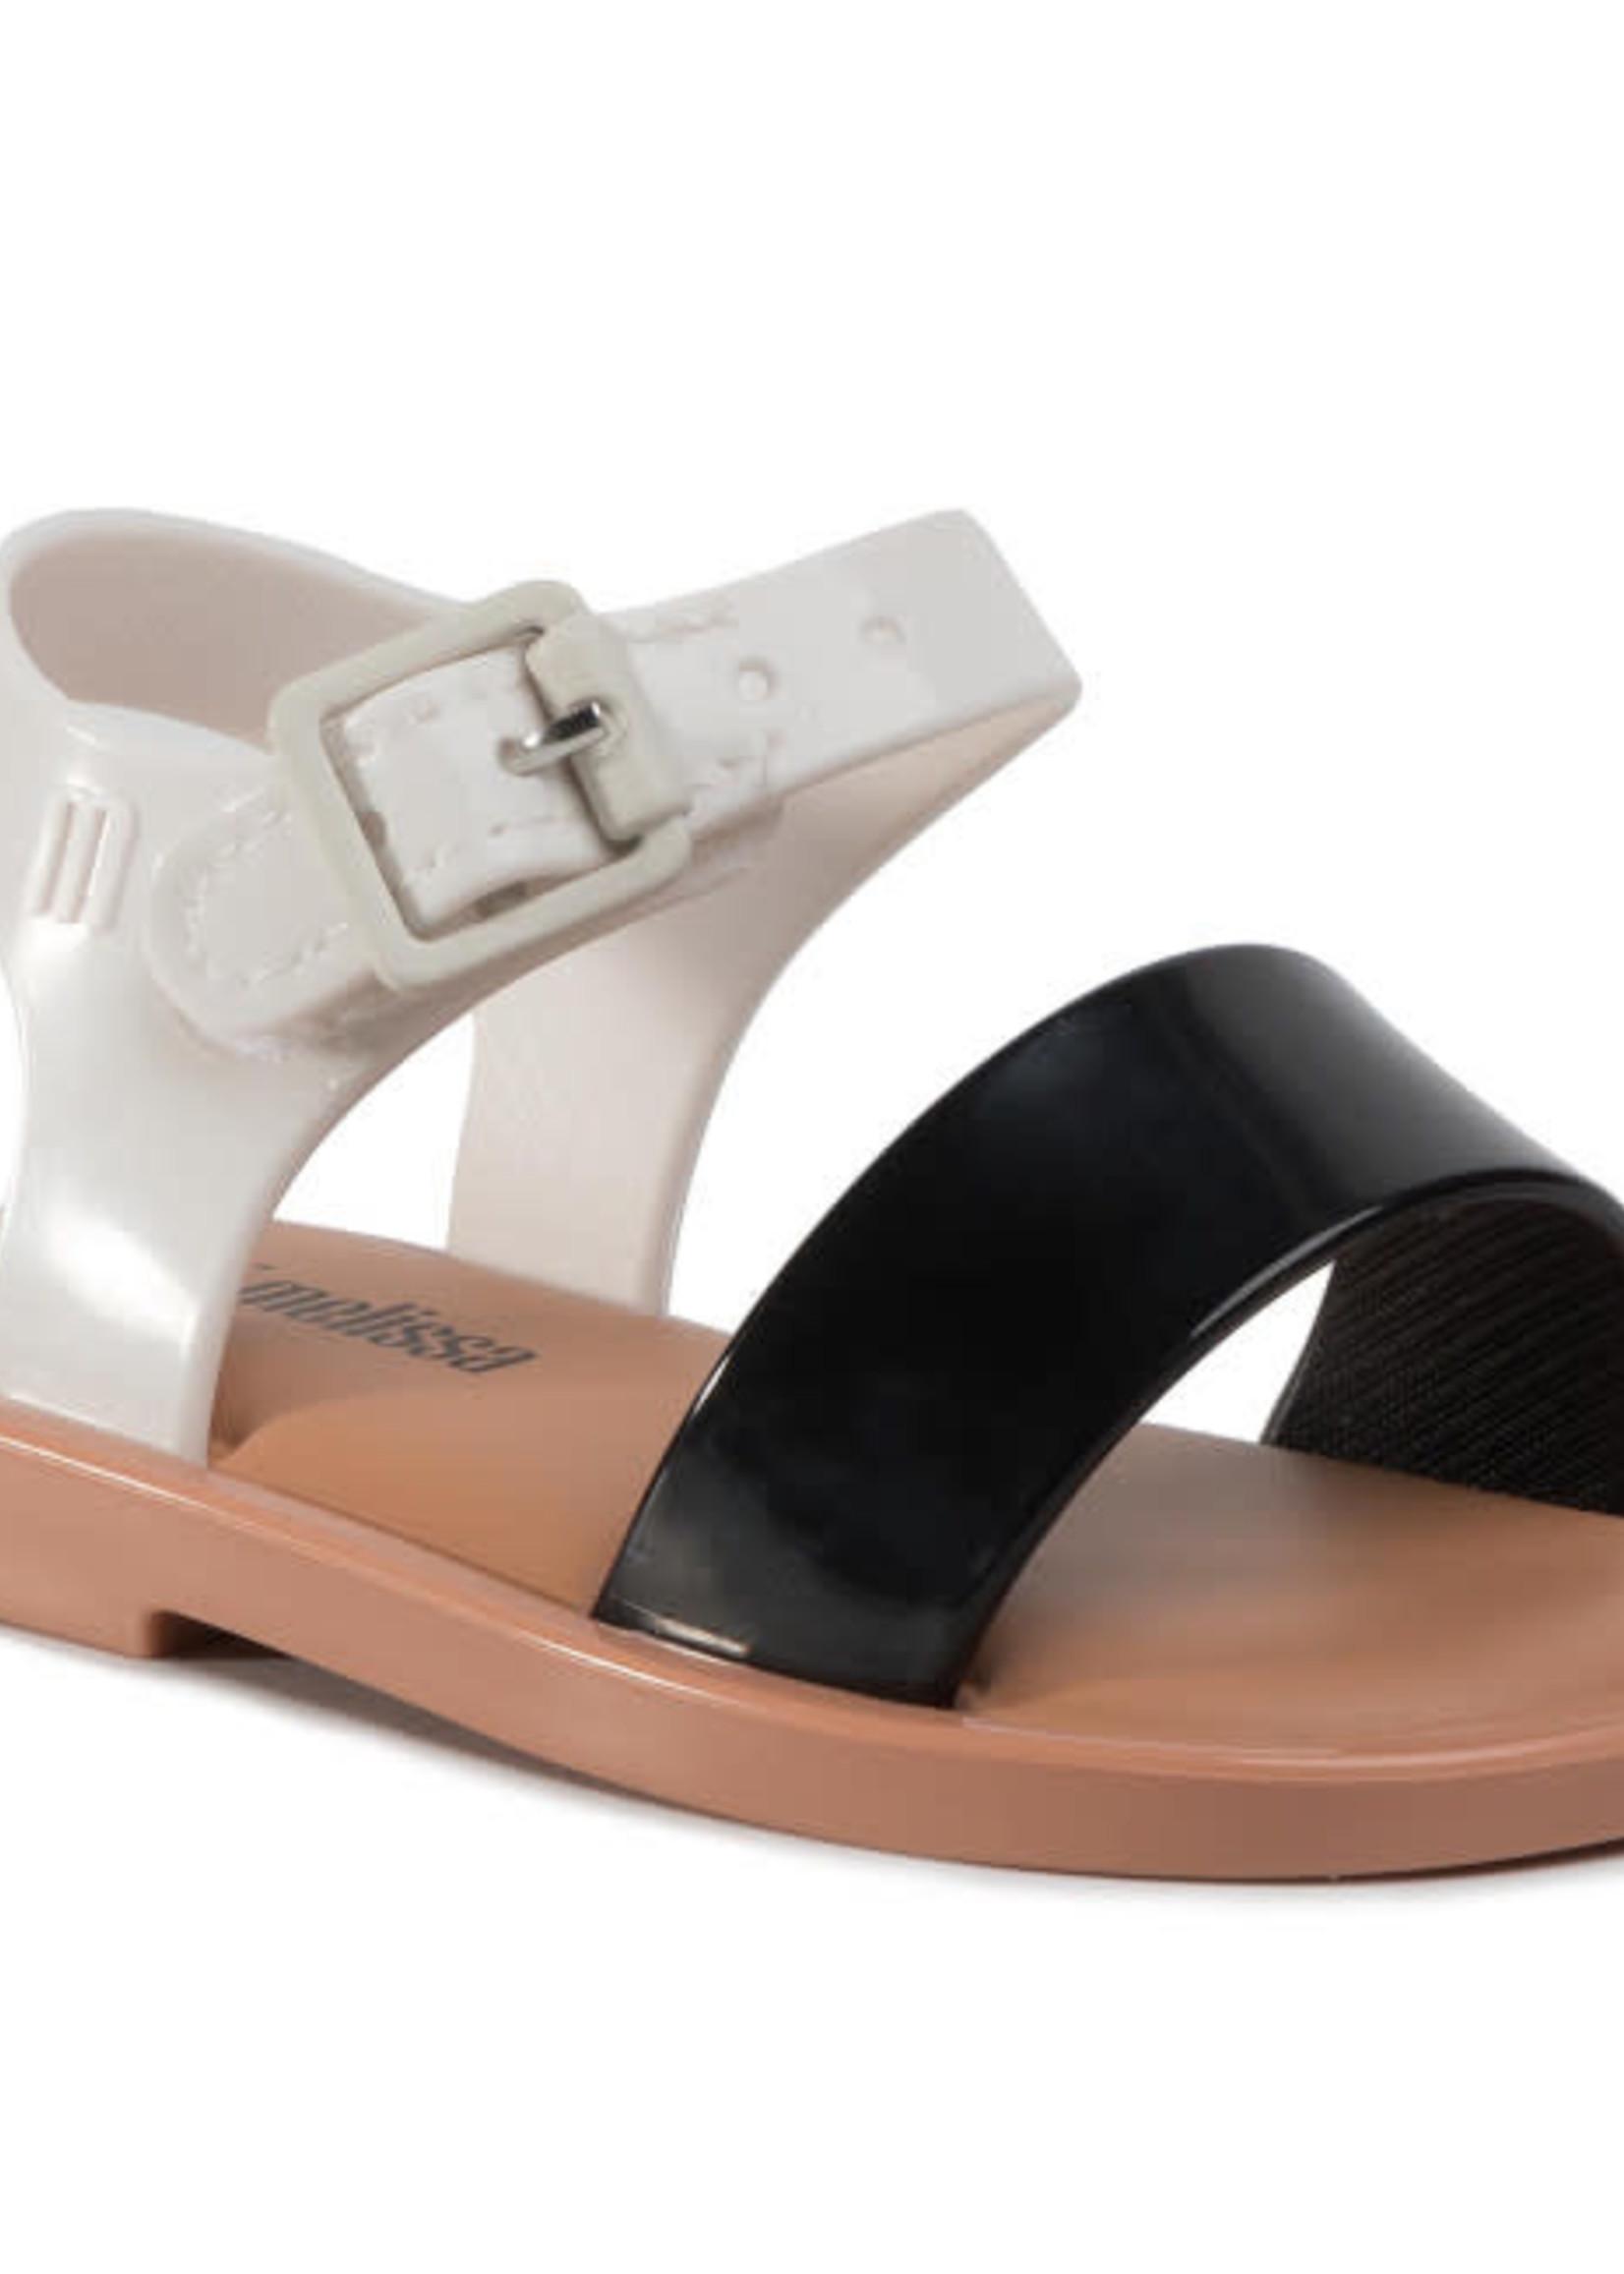 Mini Melissa MM mar sandal